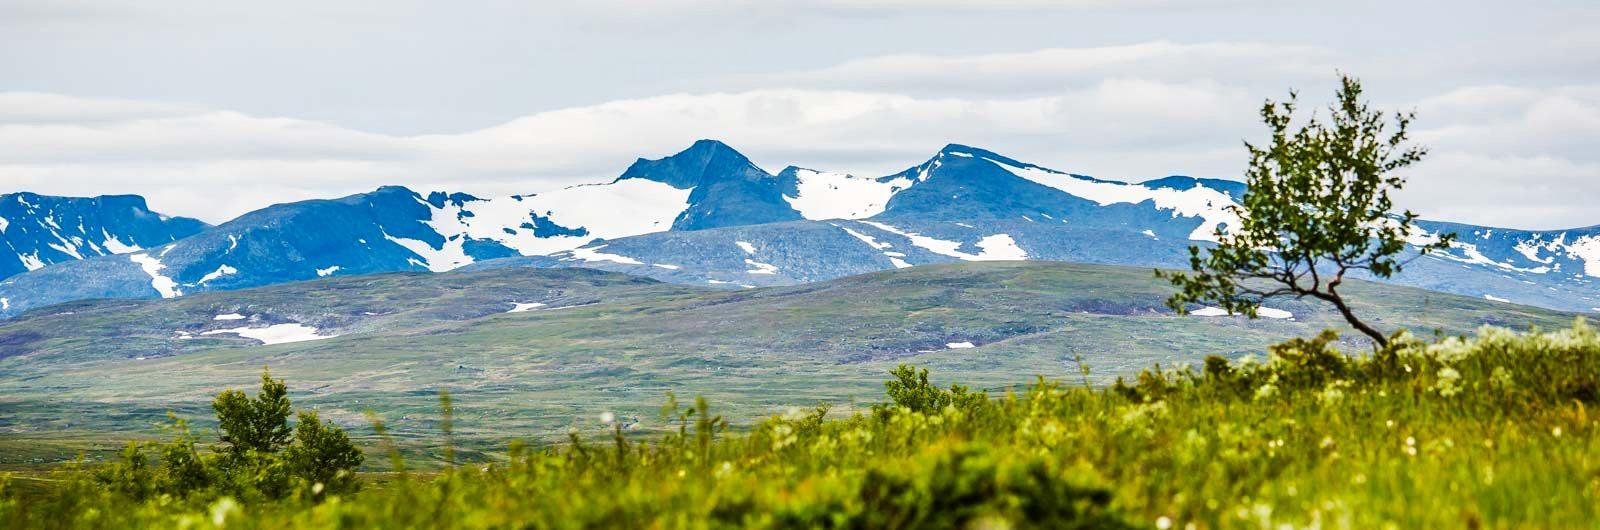 Snöklädda fjäll kantar leden Storulvån – Ljungdalen